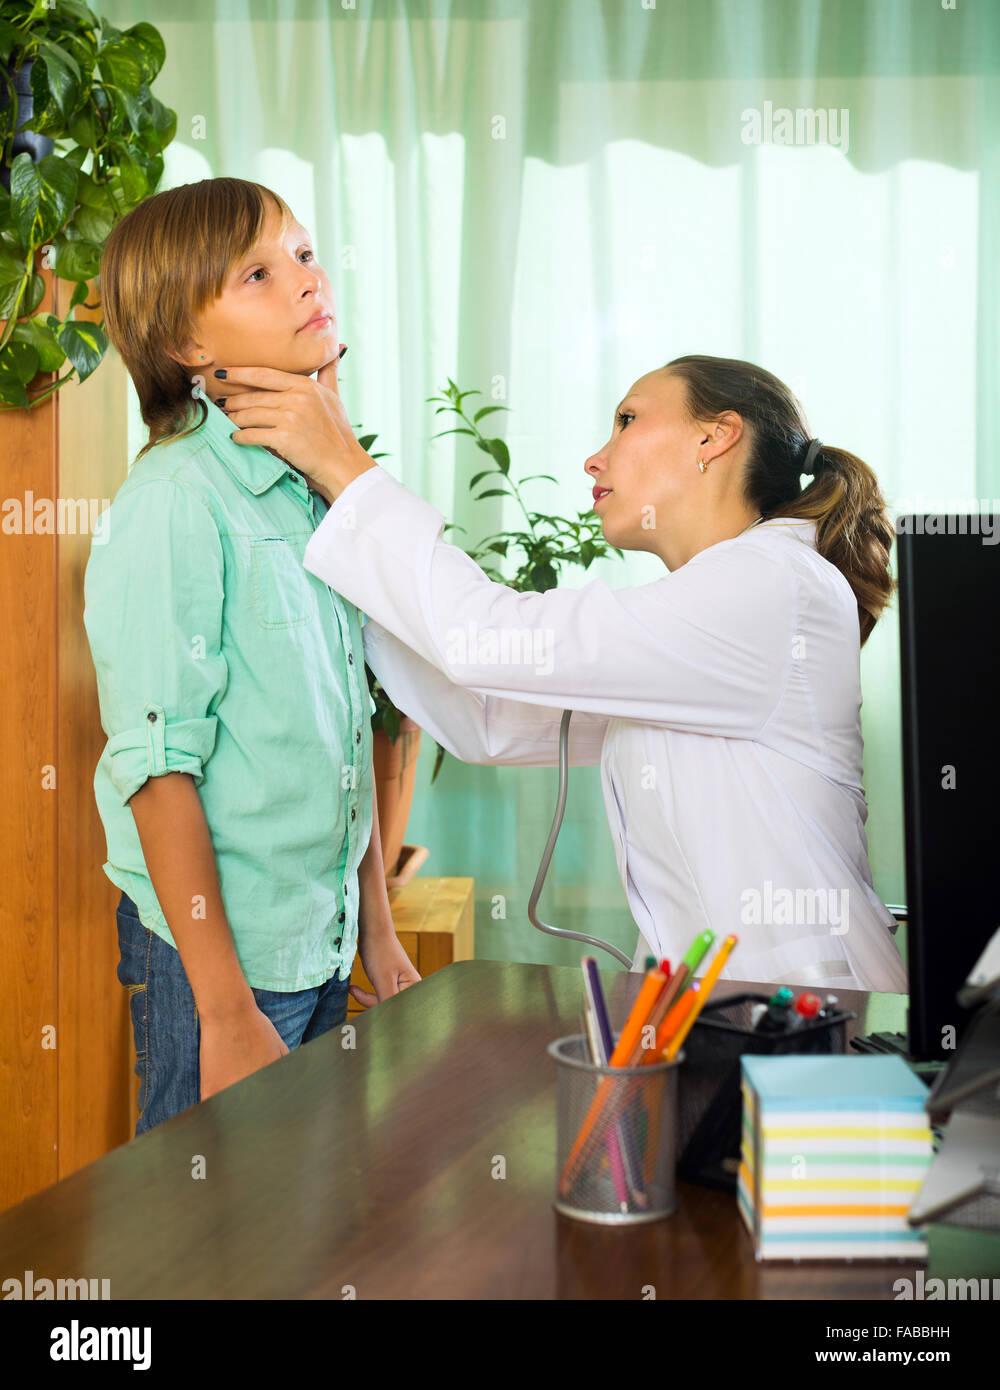 Doctor checking a boy